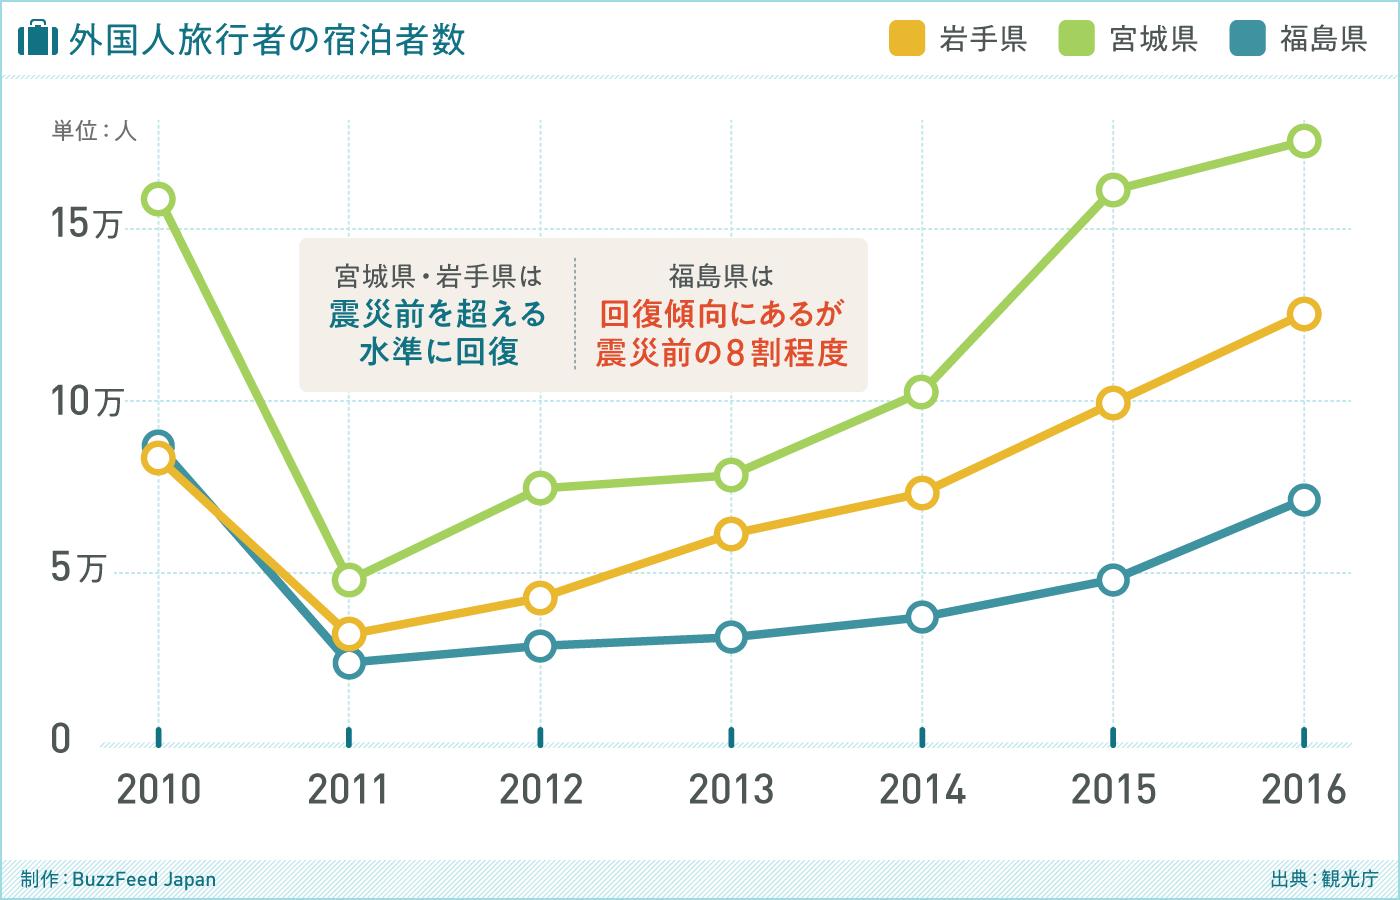 グラフ 外国人旅行者の宿泊者数(出典:観光庁)